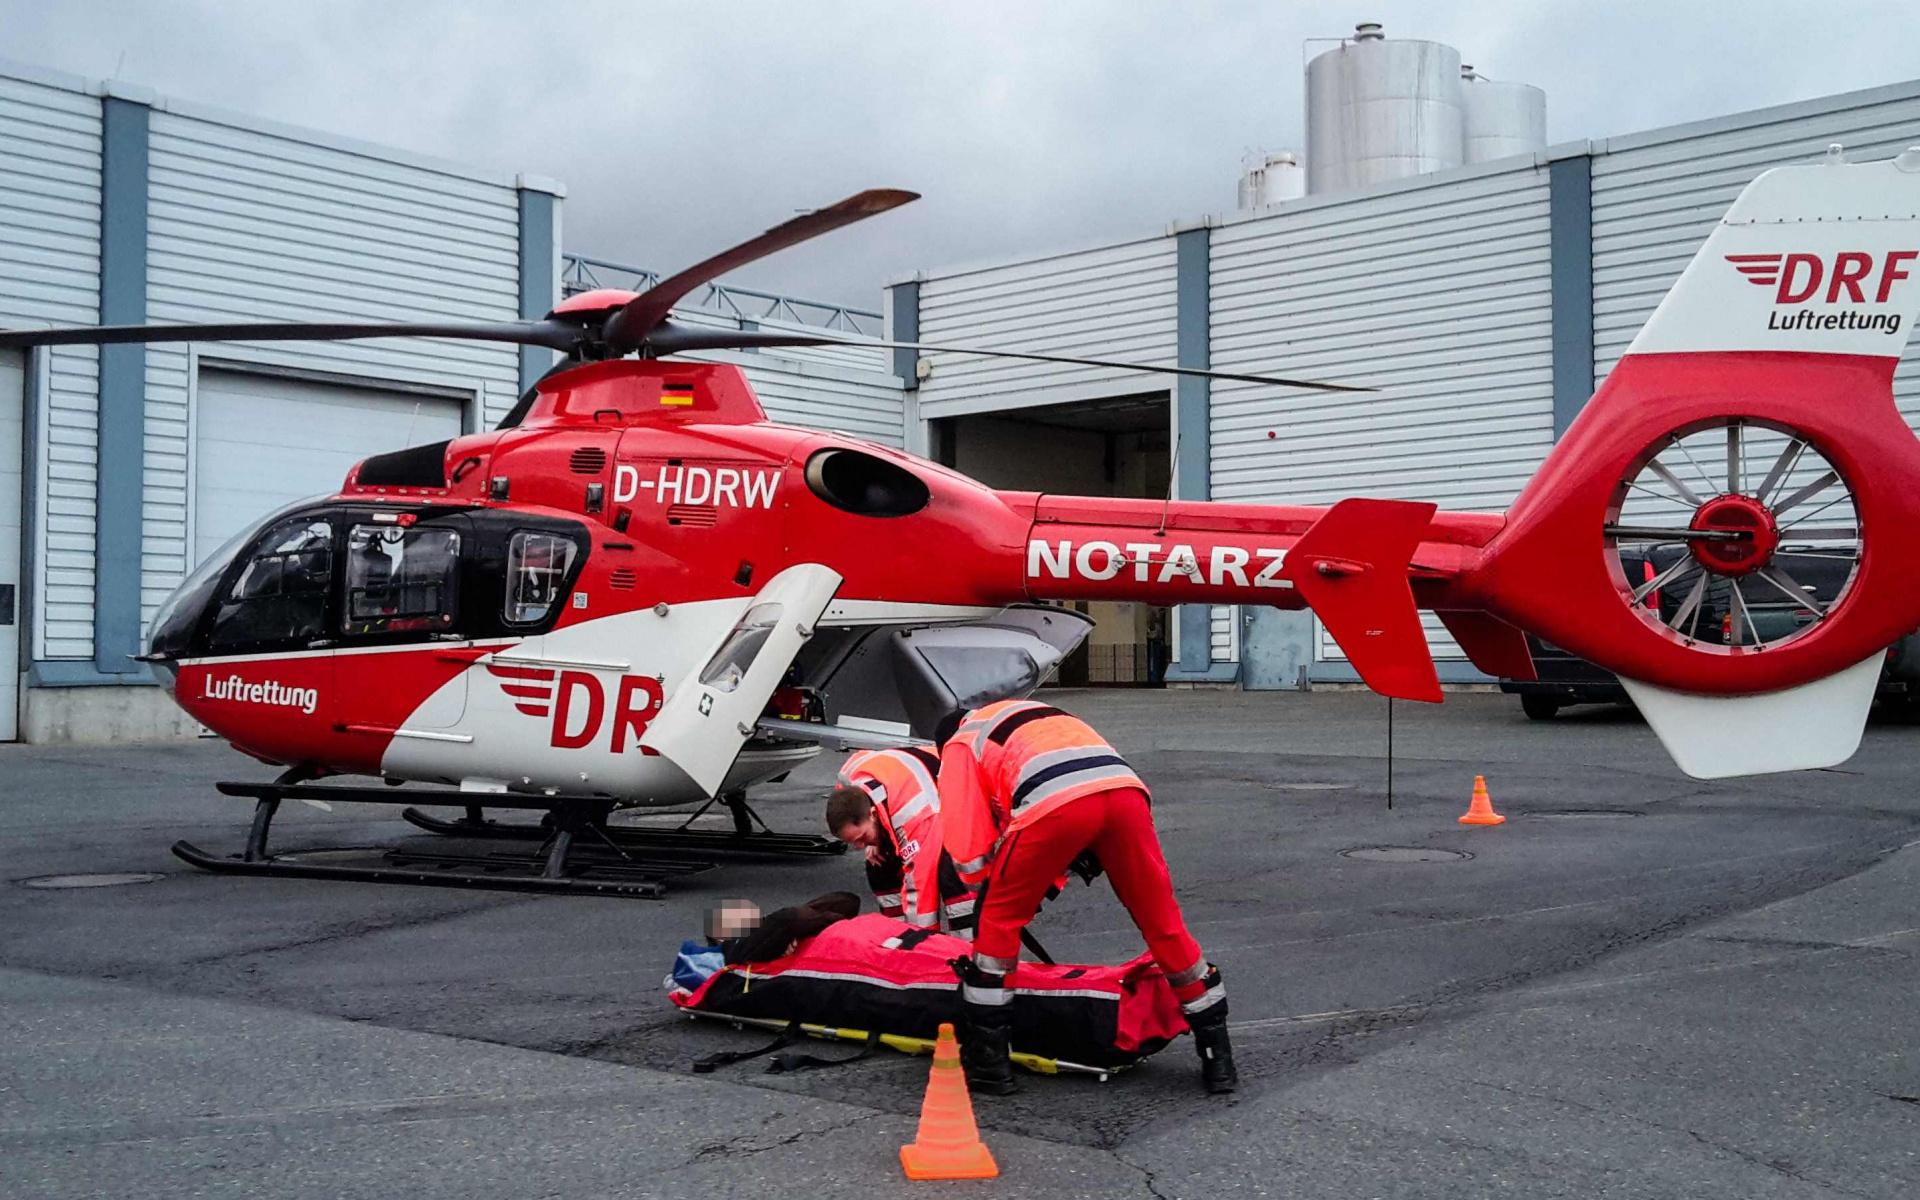 Notarzt und Rettungsassistent bereiten den verletzten Arbeiter auf den Flug ins Krankenhaus vor.